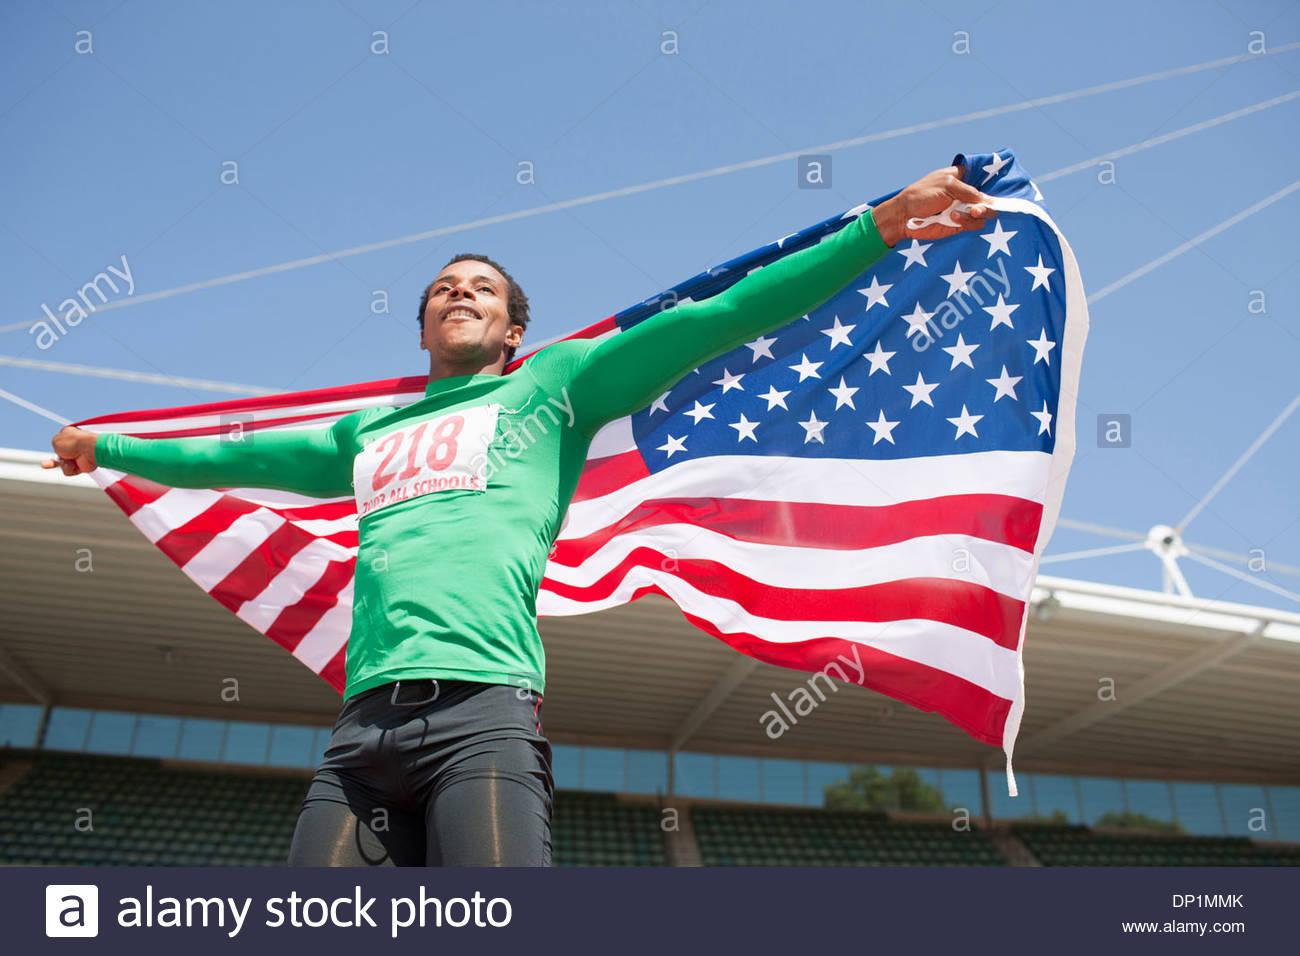 Runner celebrando in pista con la bandiera americana Immagini Stock